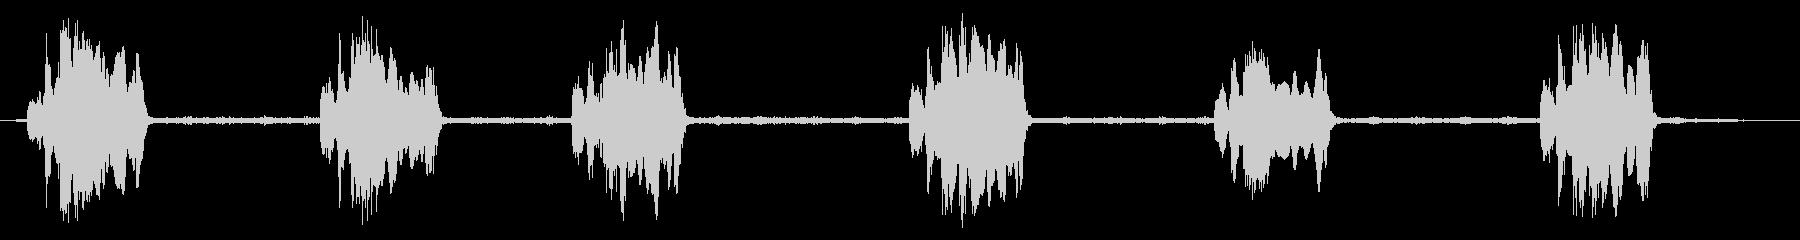 オンドリ:コールを閉じるの未再生の波形